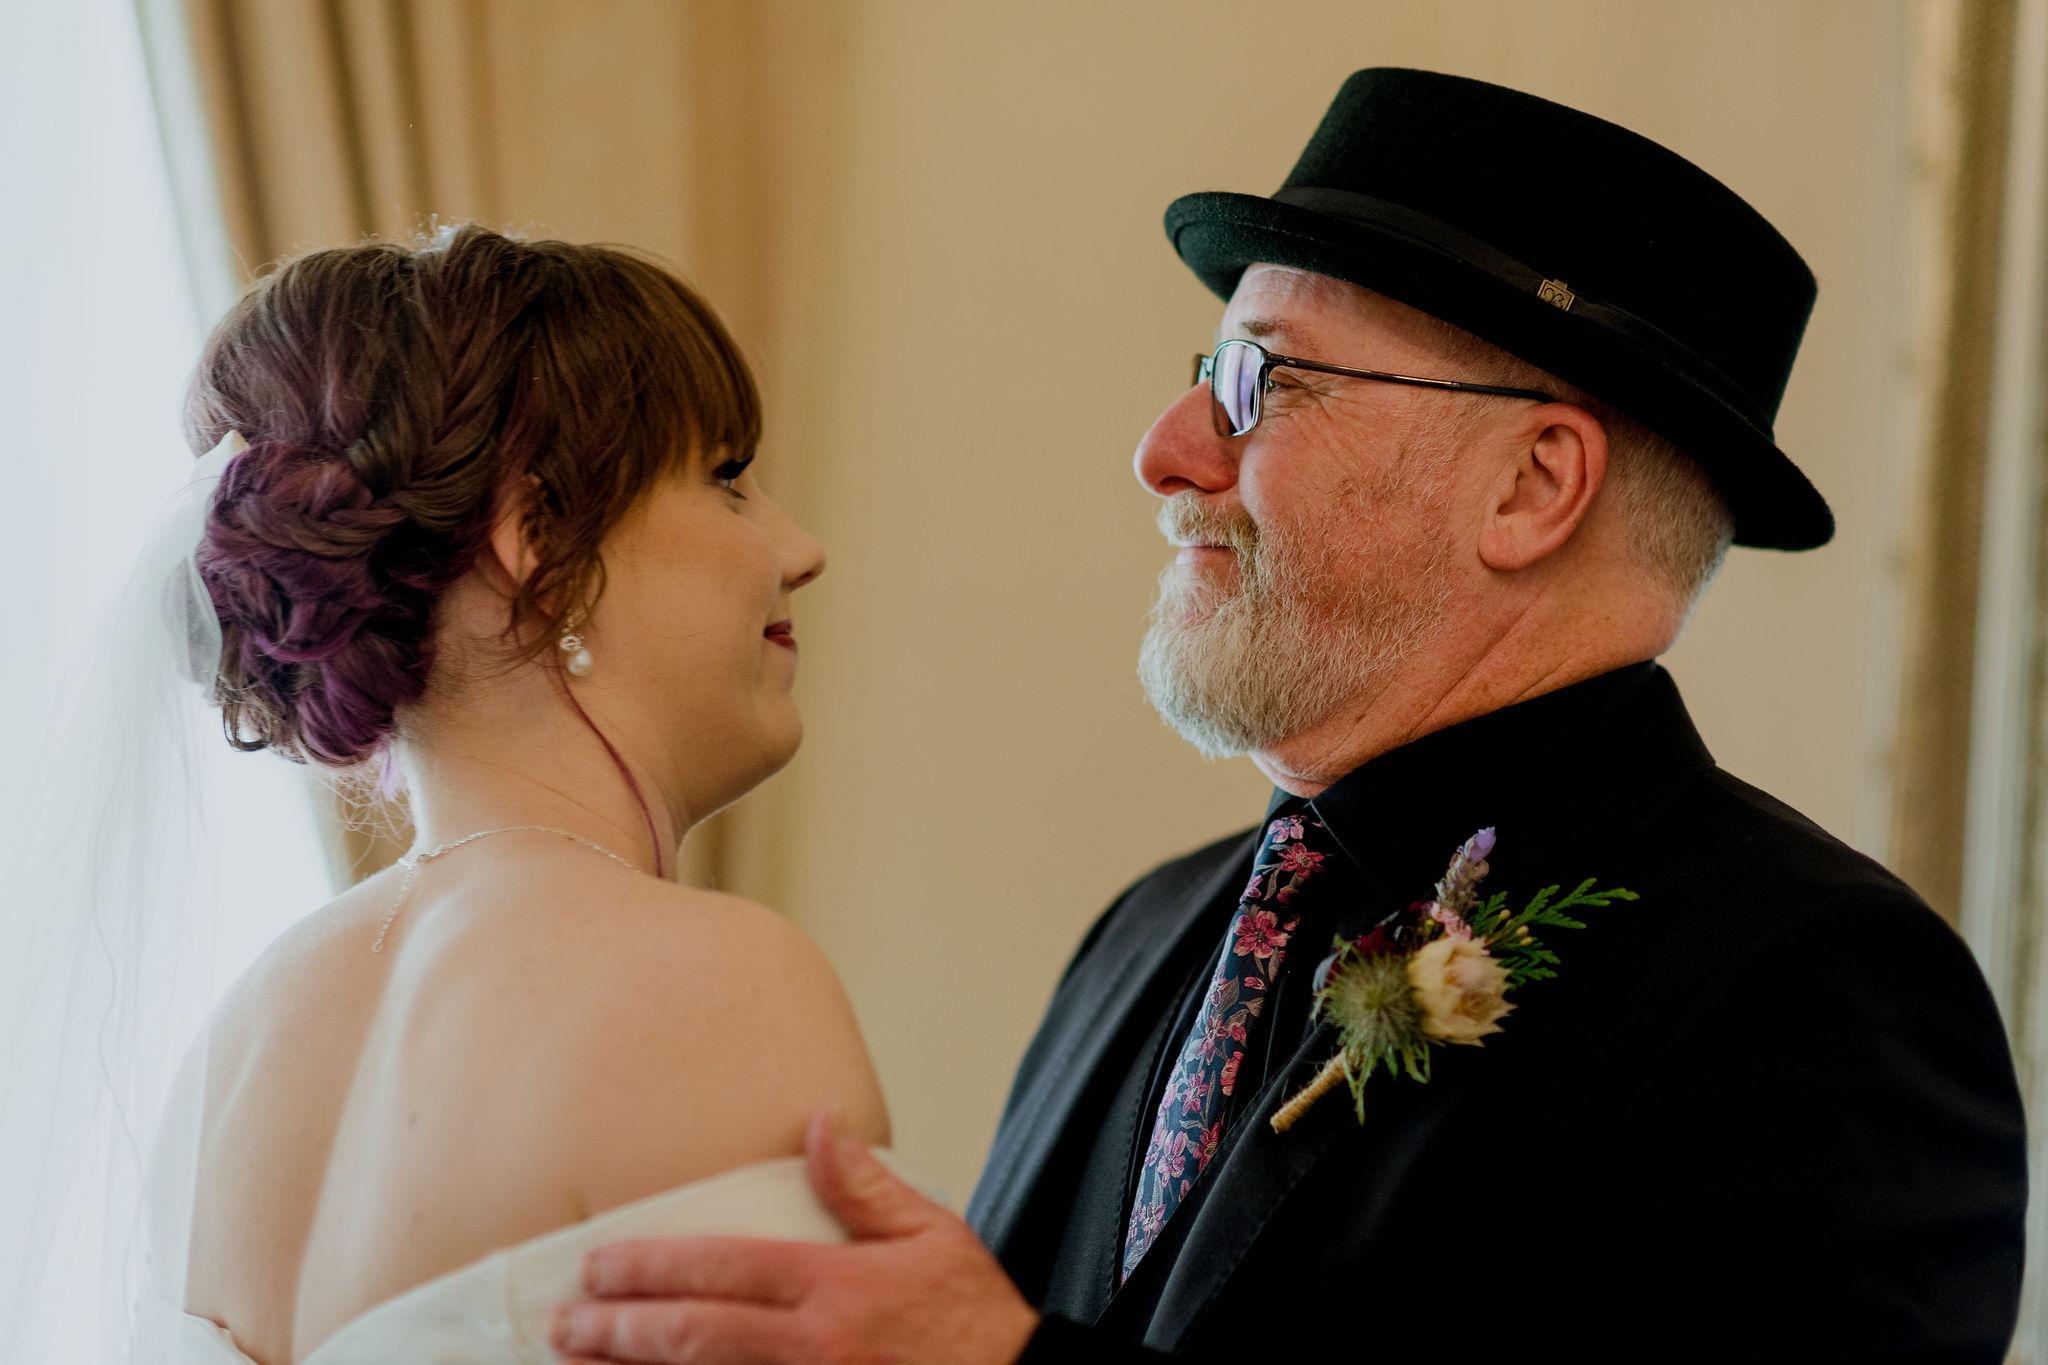 Father-of-the-bride hugs bride